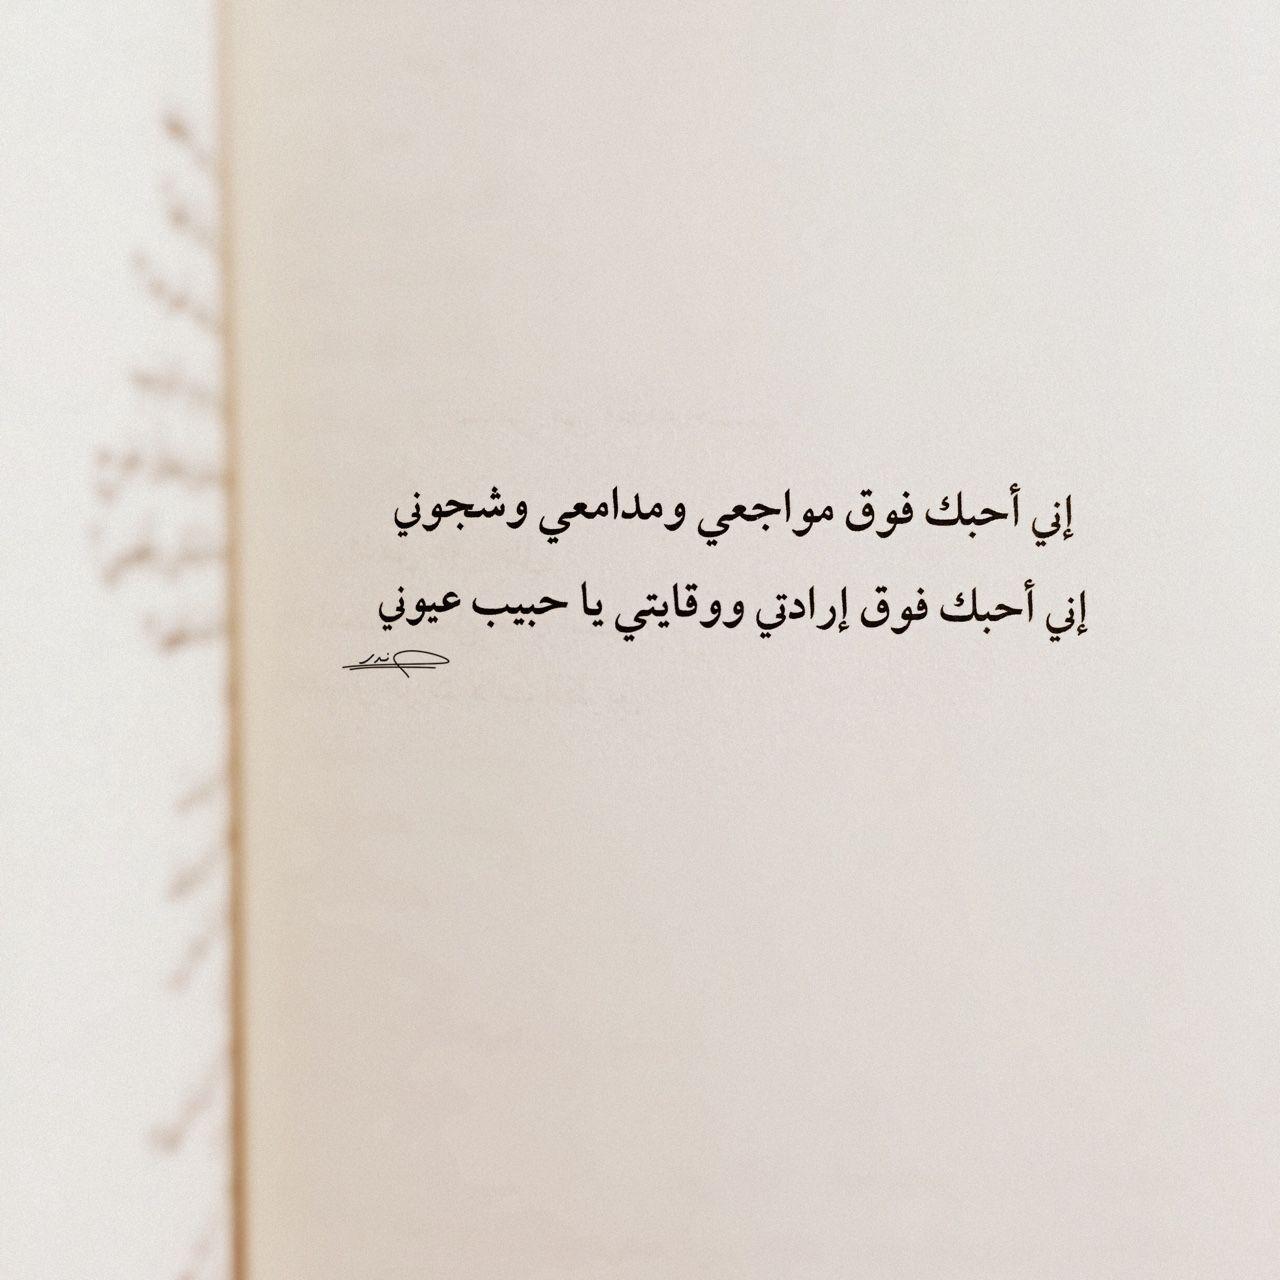 اني احبك فوق اراتي يا حبيب عيوني م One Word Quotes Love Quotes Wallpaper Iphone Wallpaper Quotes Love